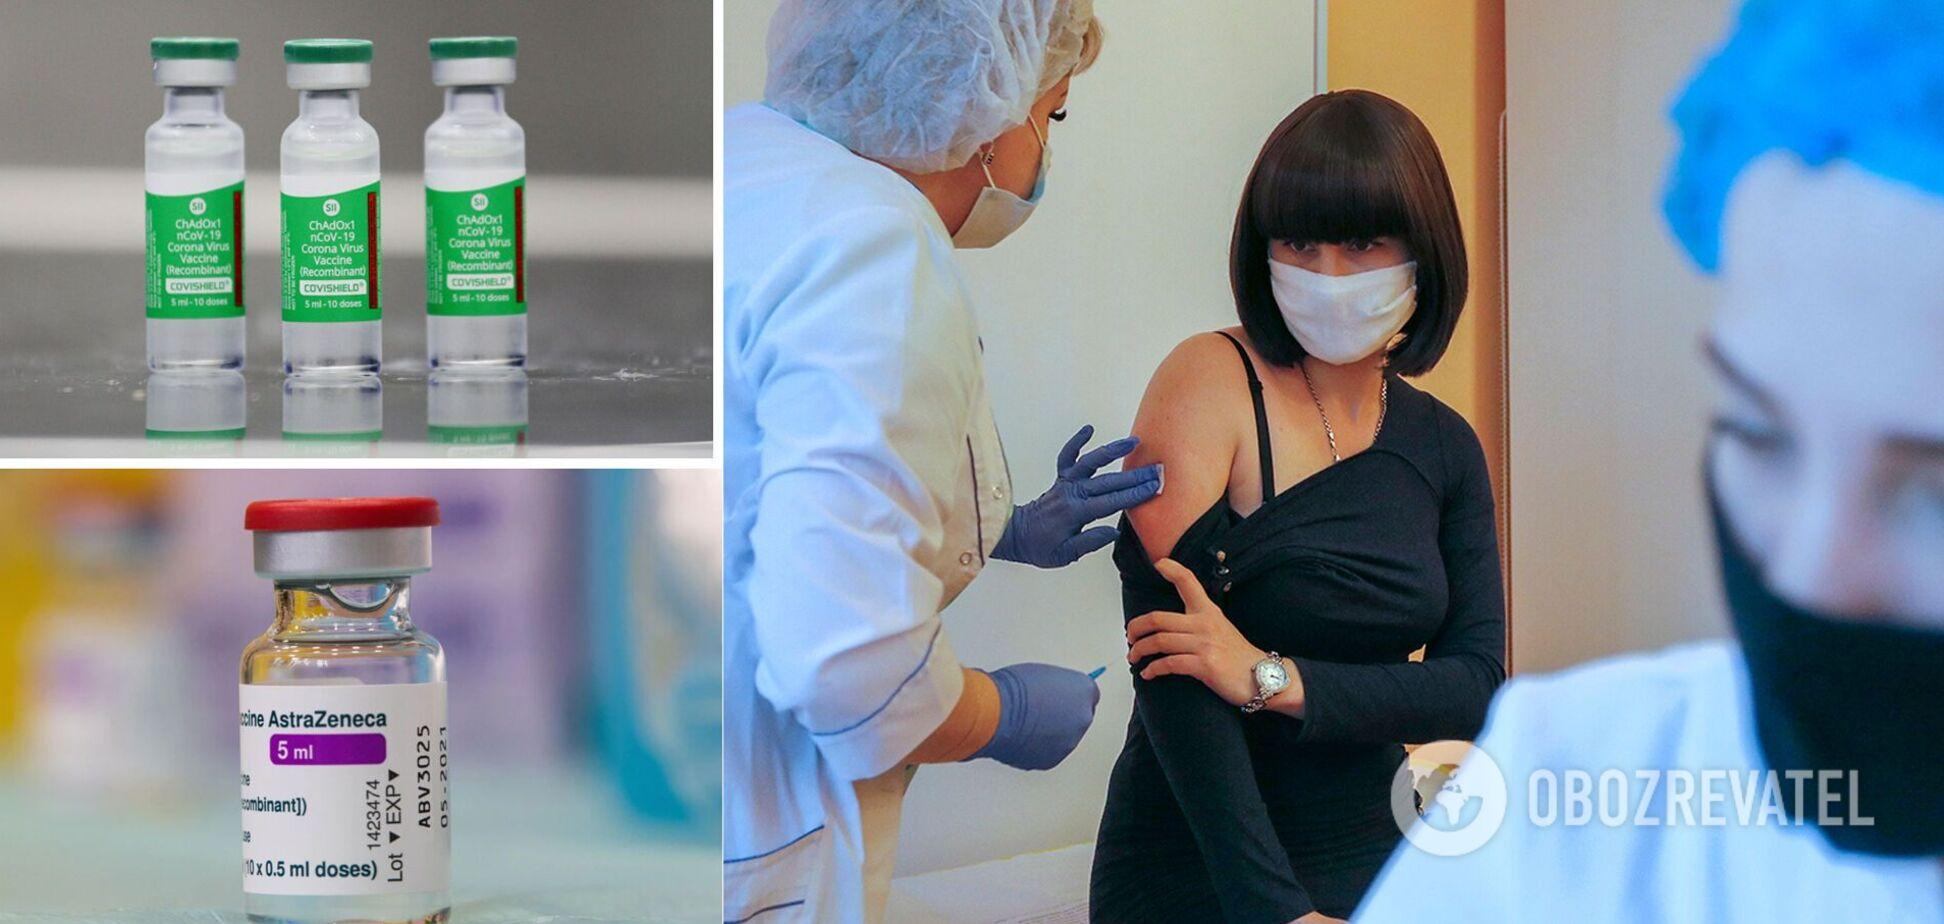 Усвідомили загрозу? Українці змінили ставлення до вакцинації і готові вколоти будь-який препарат